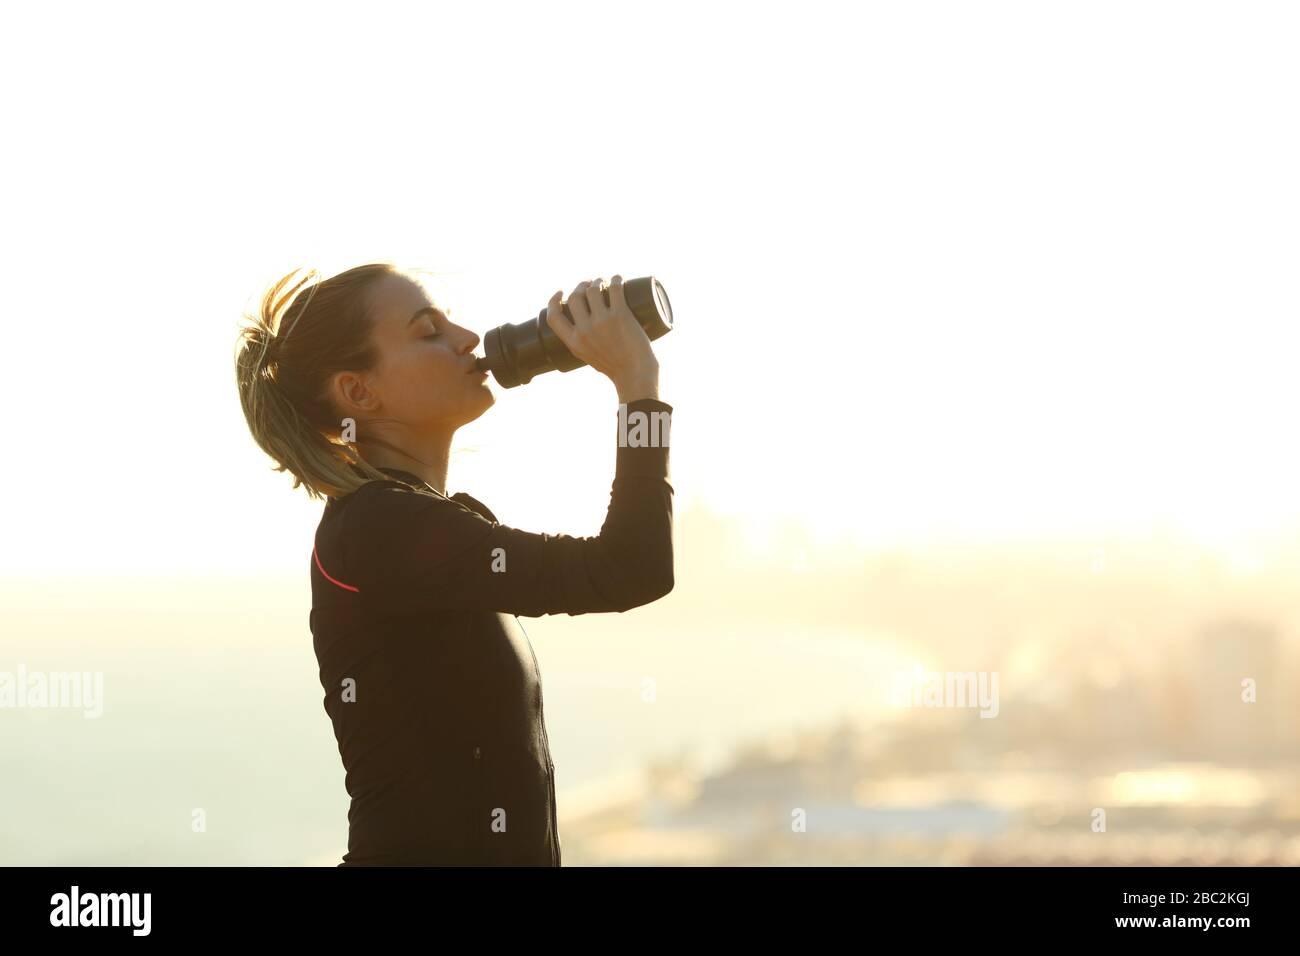 Vue latérale portrait d'une femme de coureur buvant de l'eau à partir d'une bouteille hydratante après l'exercice dans une périphérie de la ville Banque D'Images